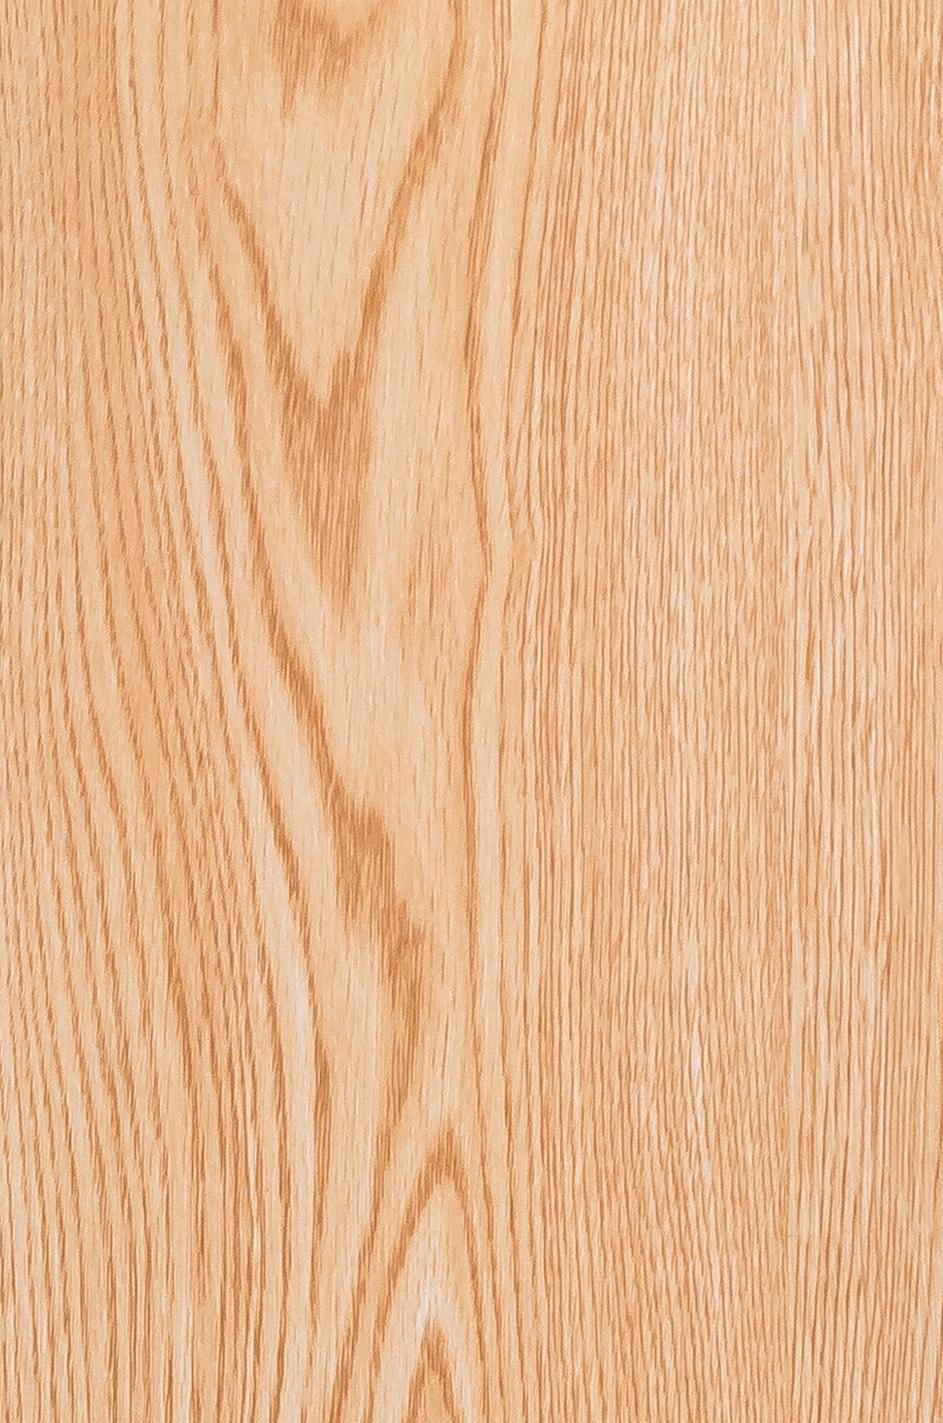 Red Oak MPL W03240